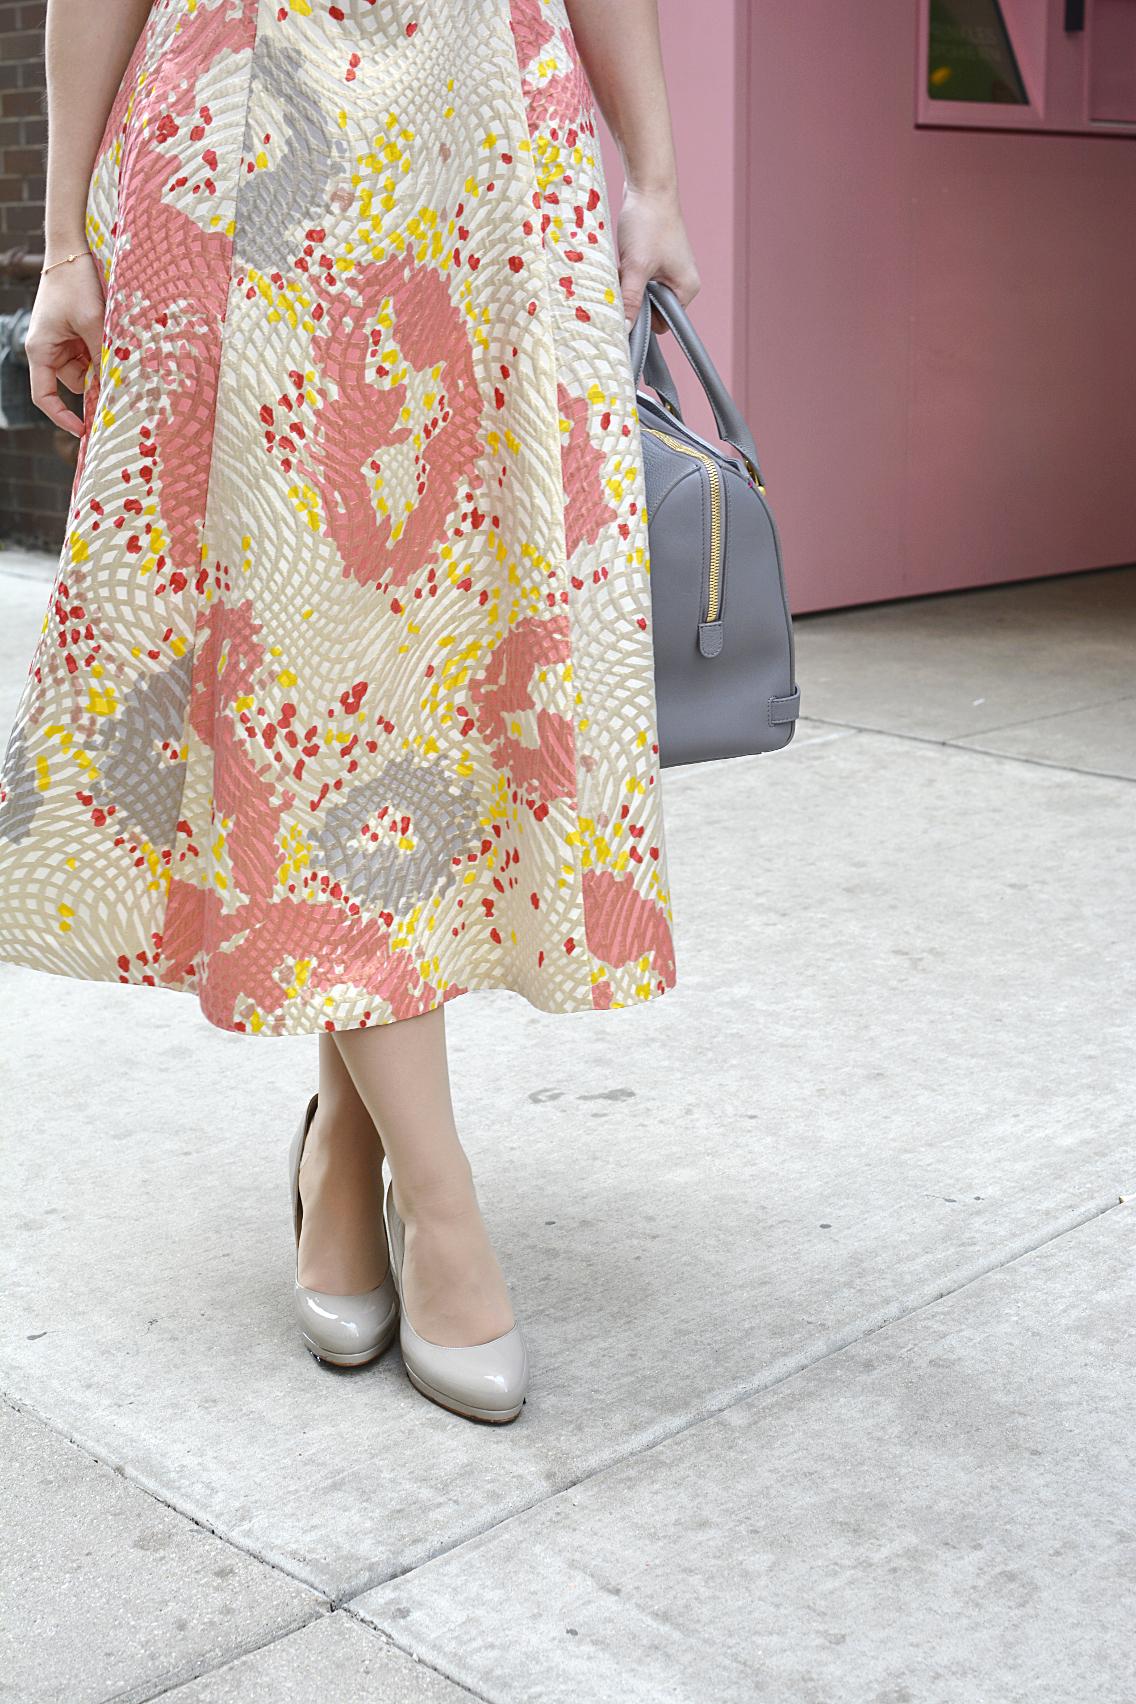 LK Bennett Chicago Gardo Jacquard Dress Sprinkles Cupcakes 9